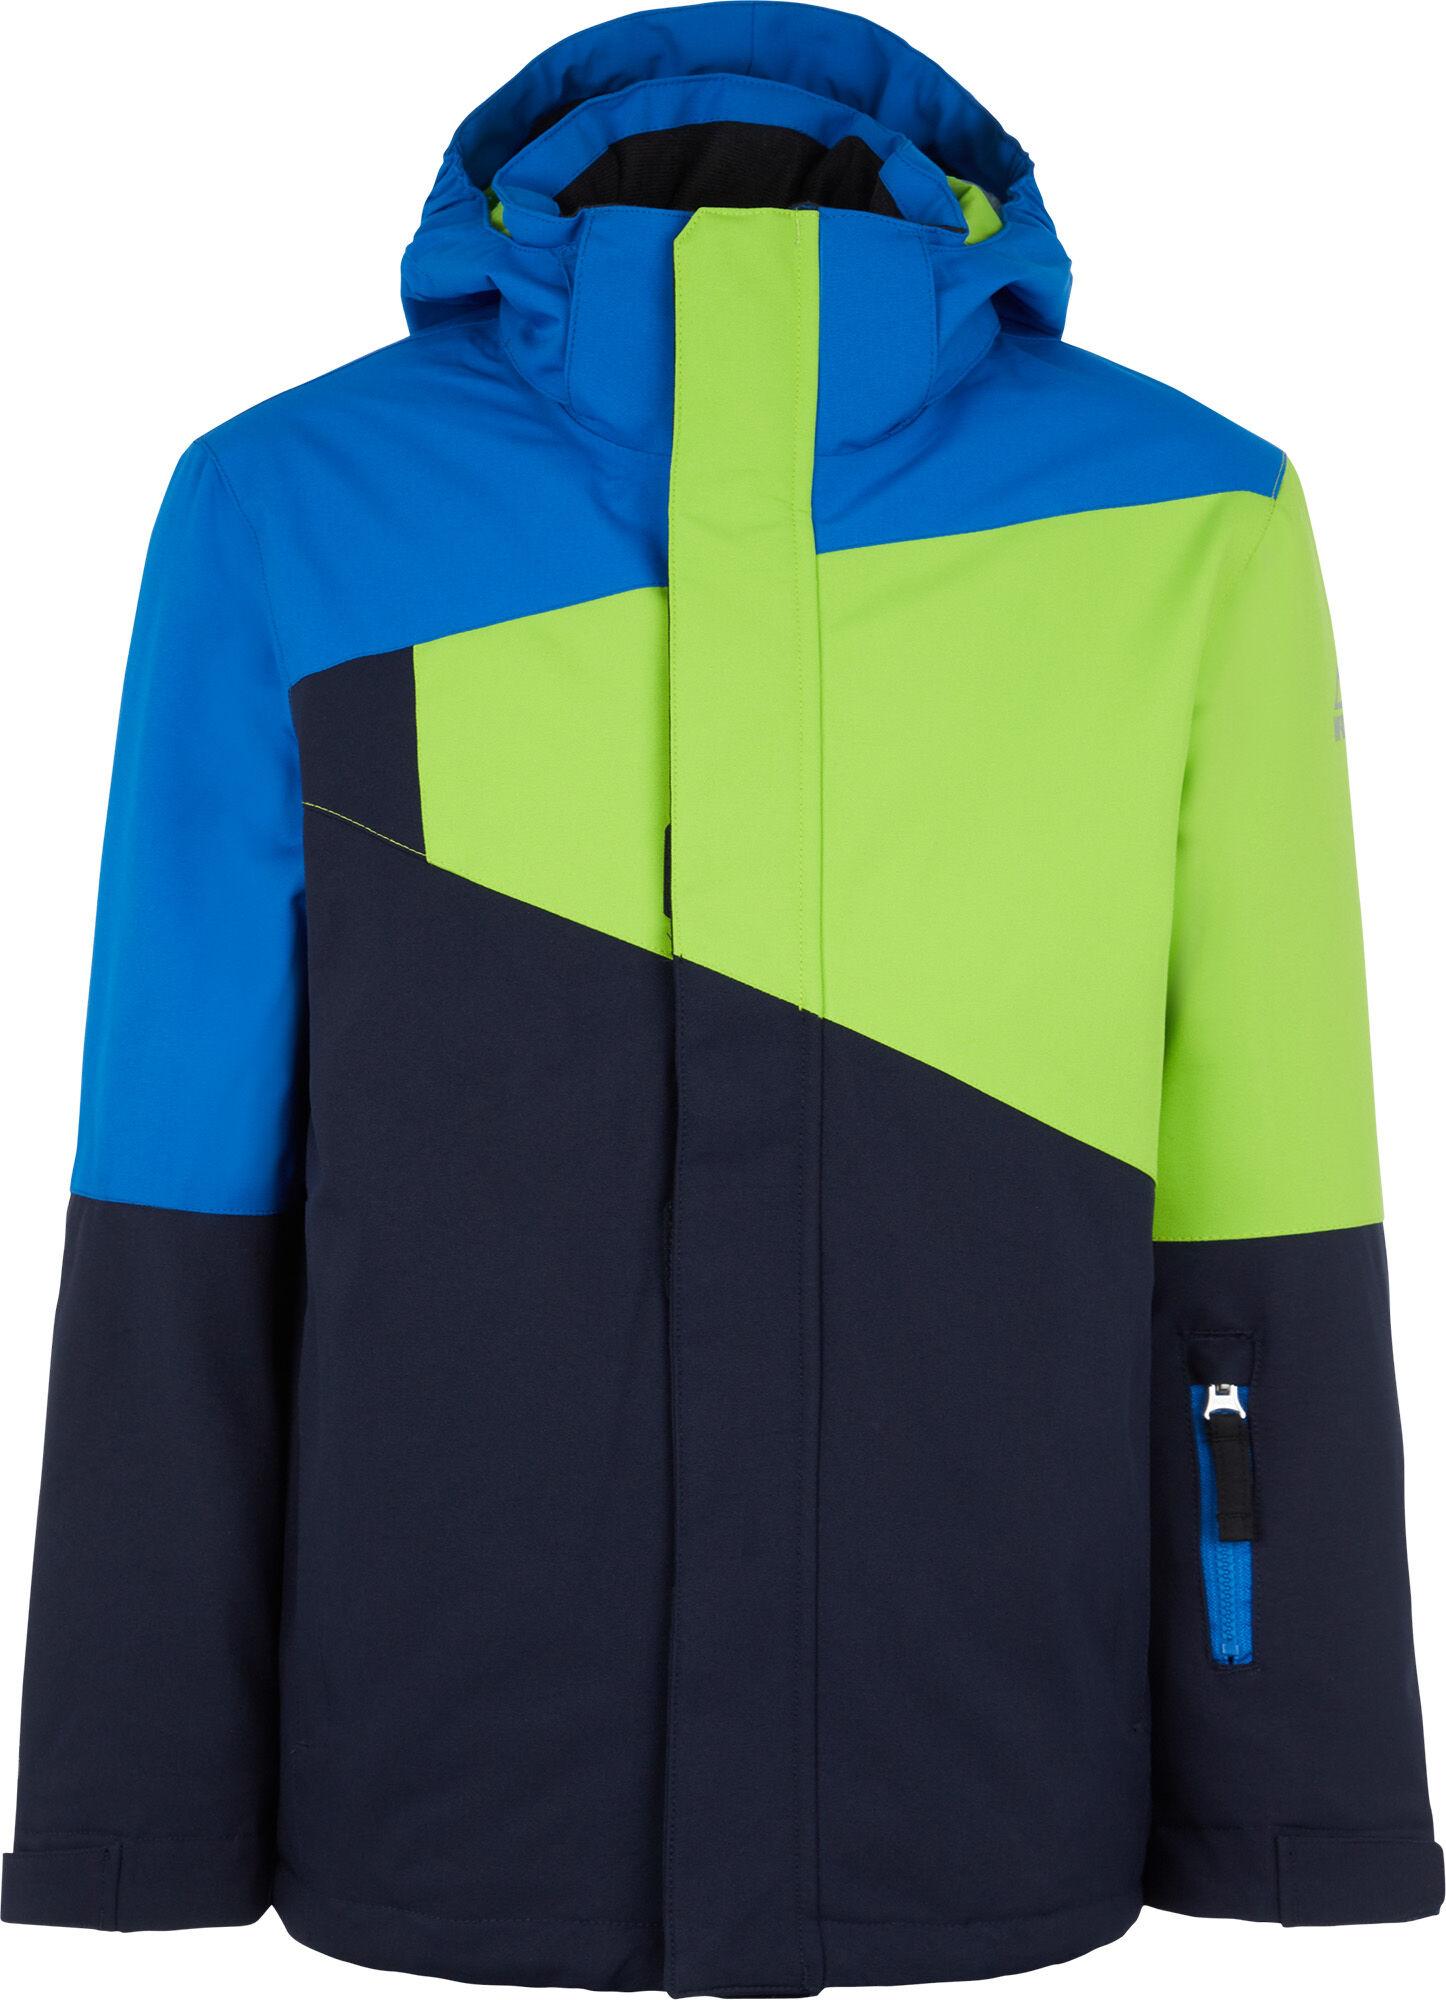 Jacken & Mäntel für Kinder online kaufen | INTERSPORT